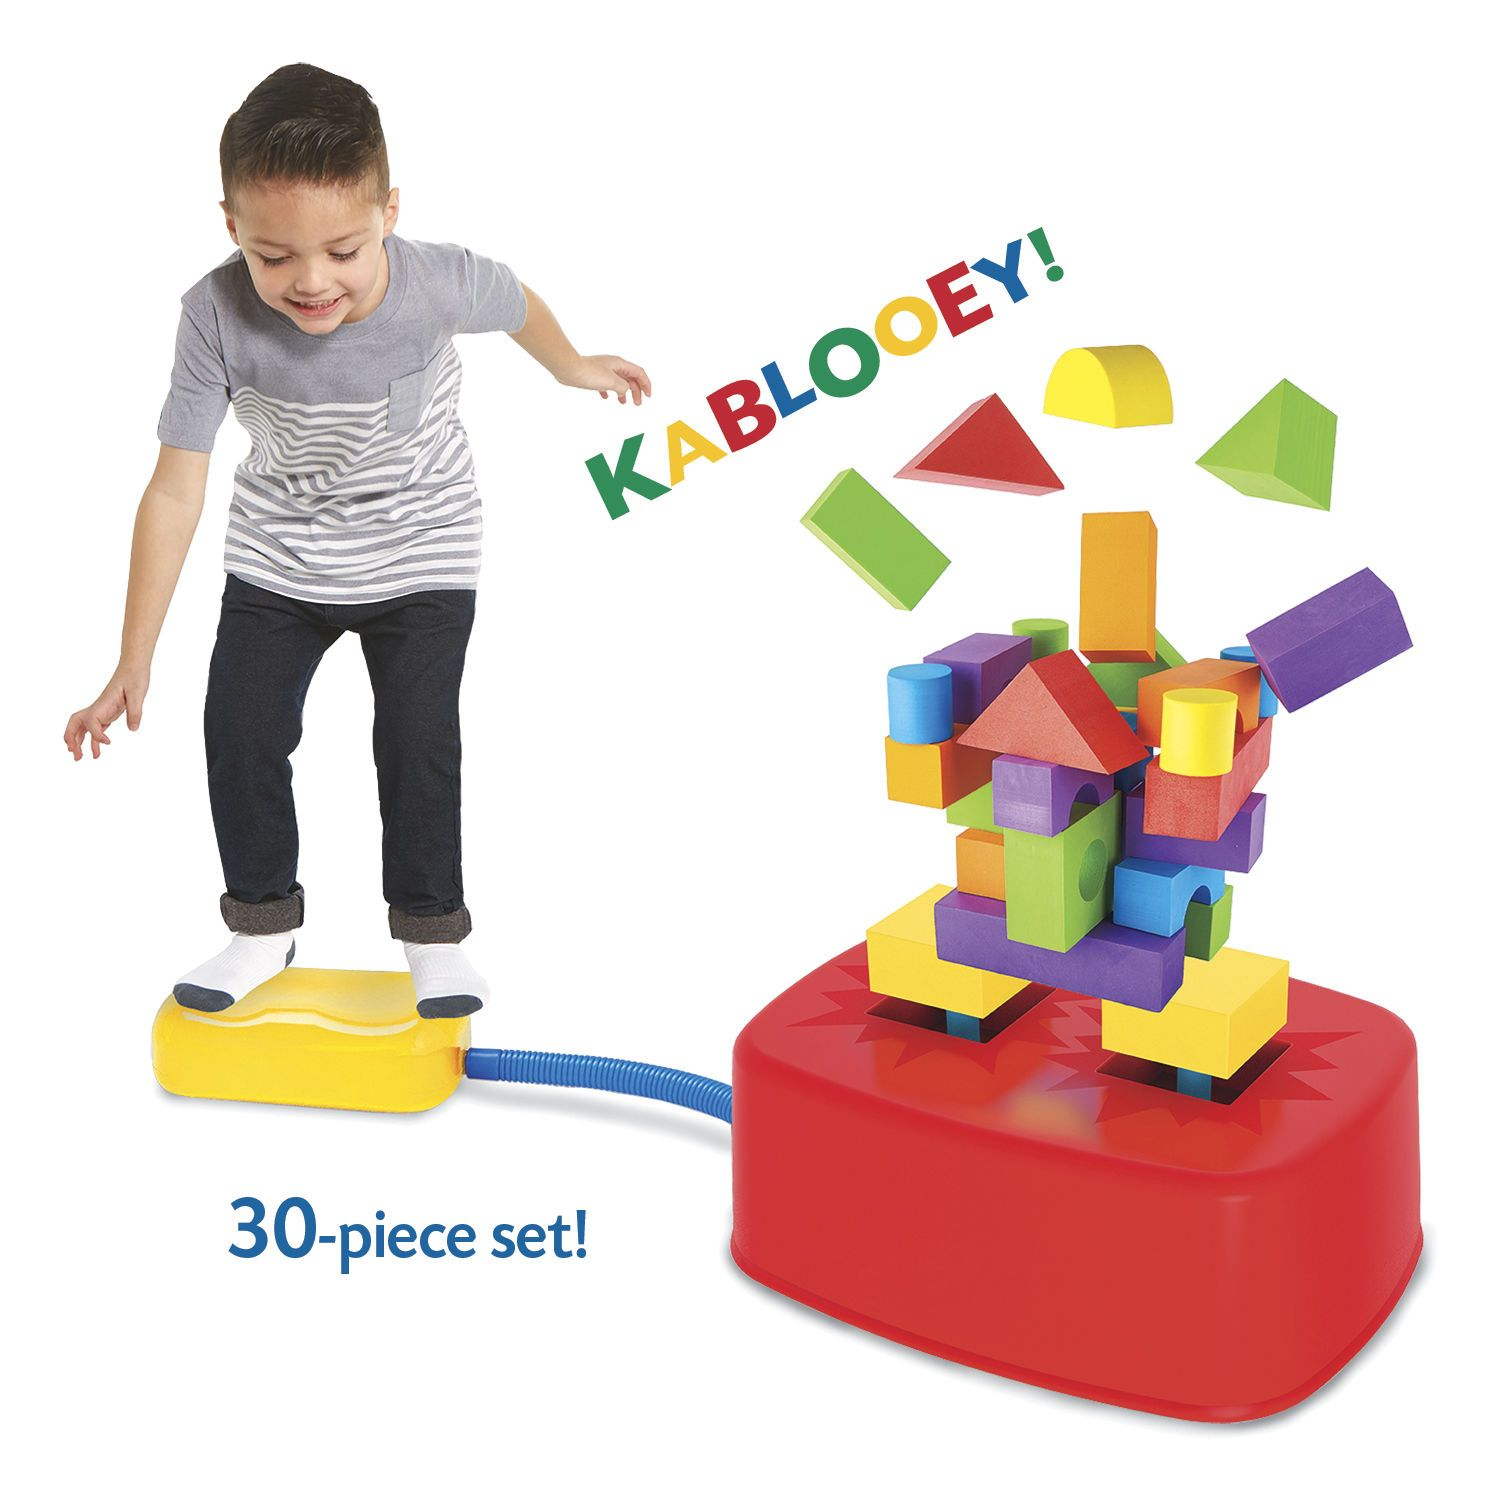 Y182319   Kids blocks, Award winning toys, Cool baby stuff